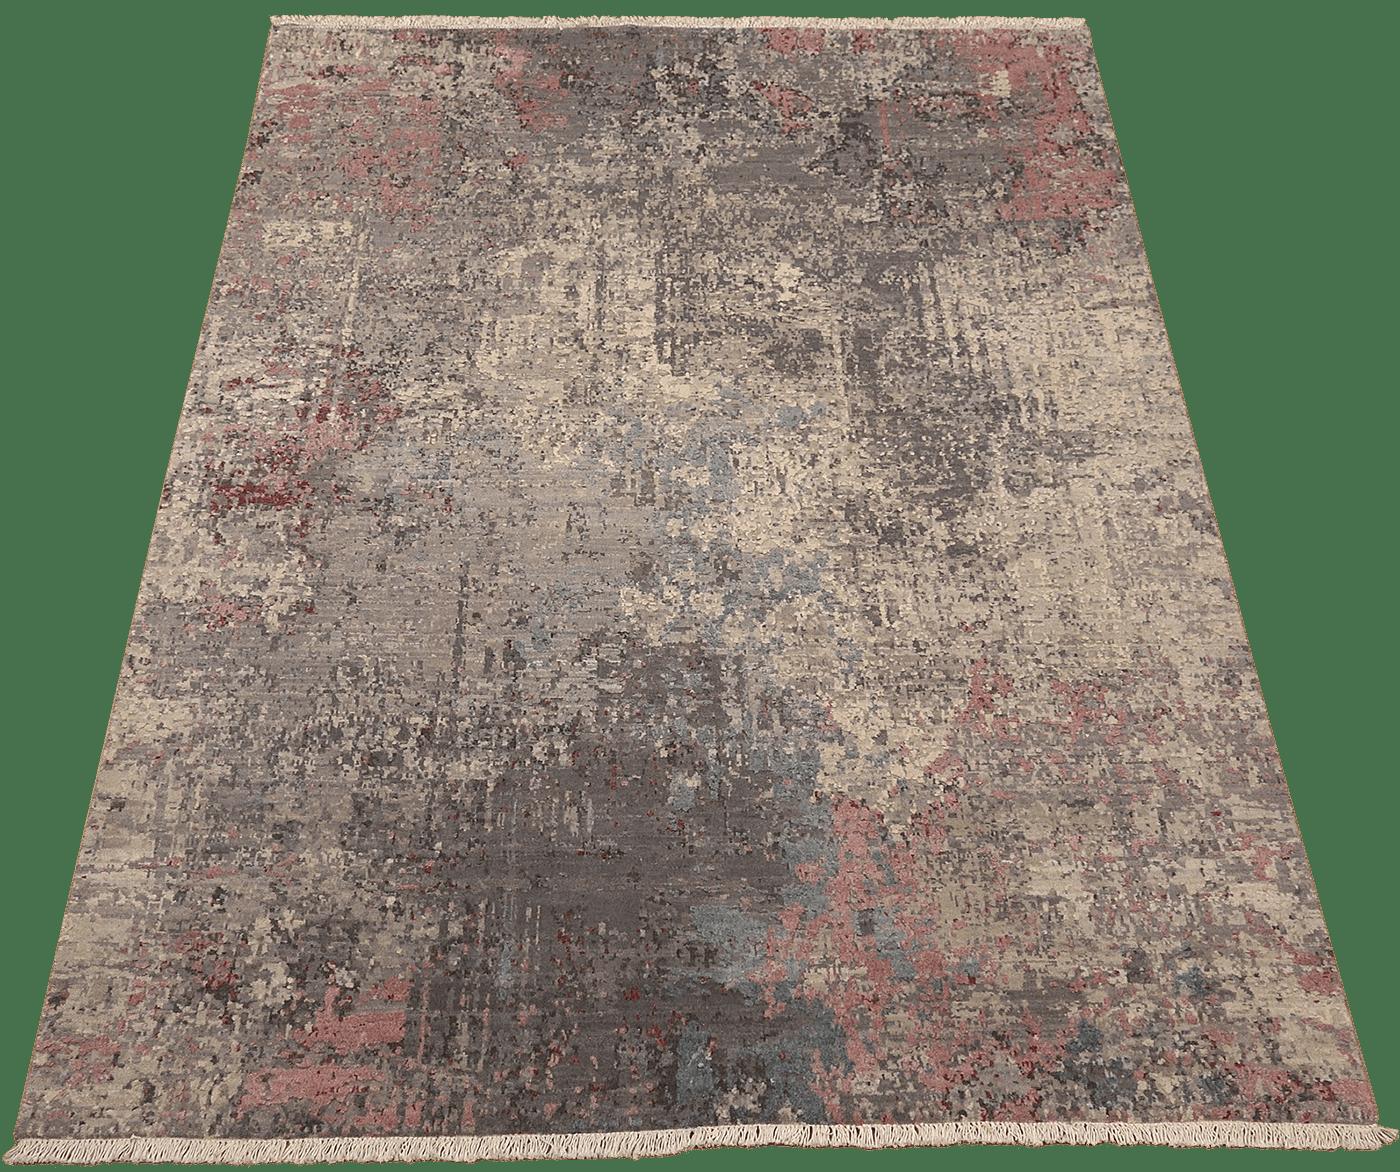 avant-garde-twilight-tapijt-moderne-design-tapijten-persp